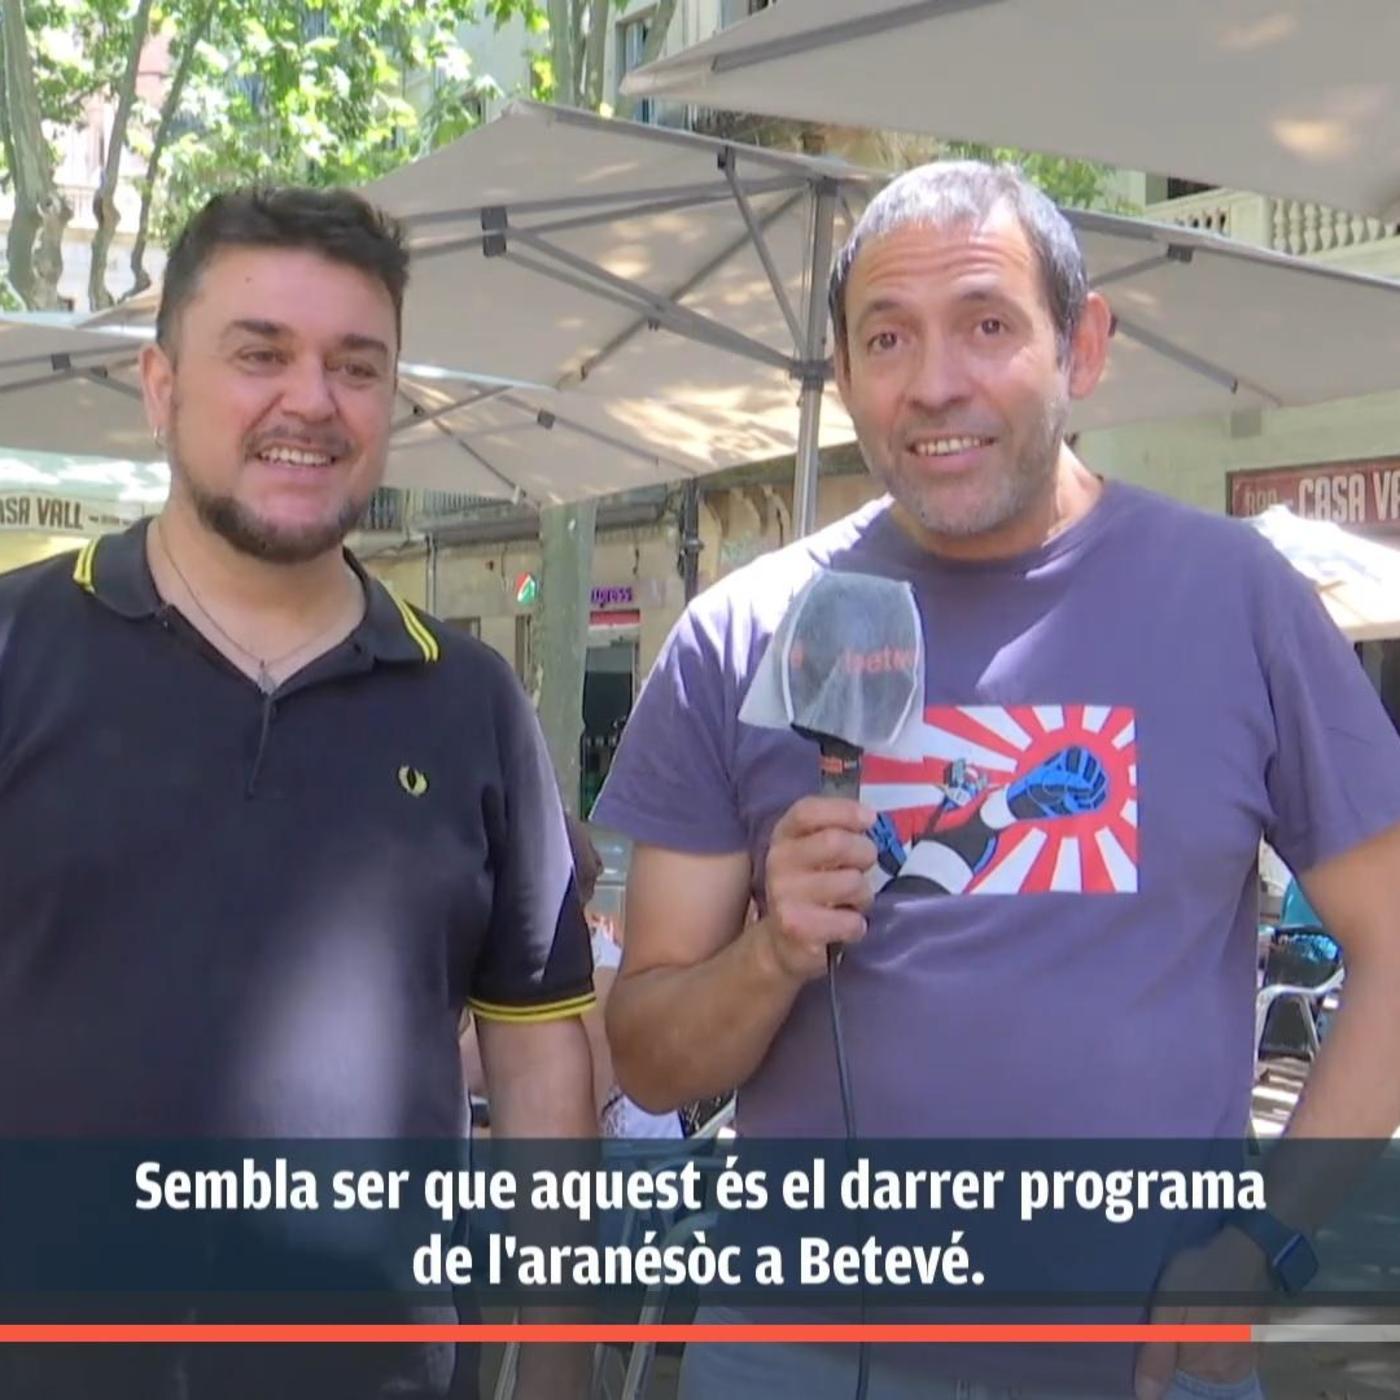 Entrevista de Ferriol Macip sus la disparicion de l'Aranésòc (OC)